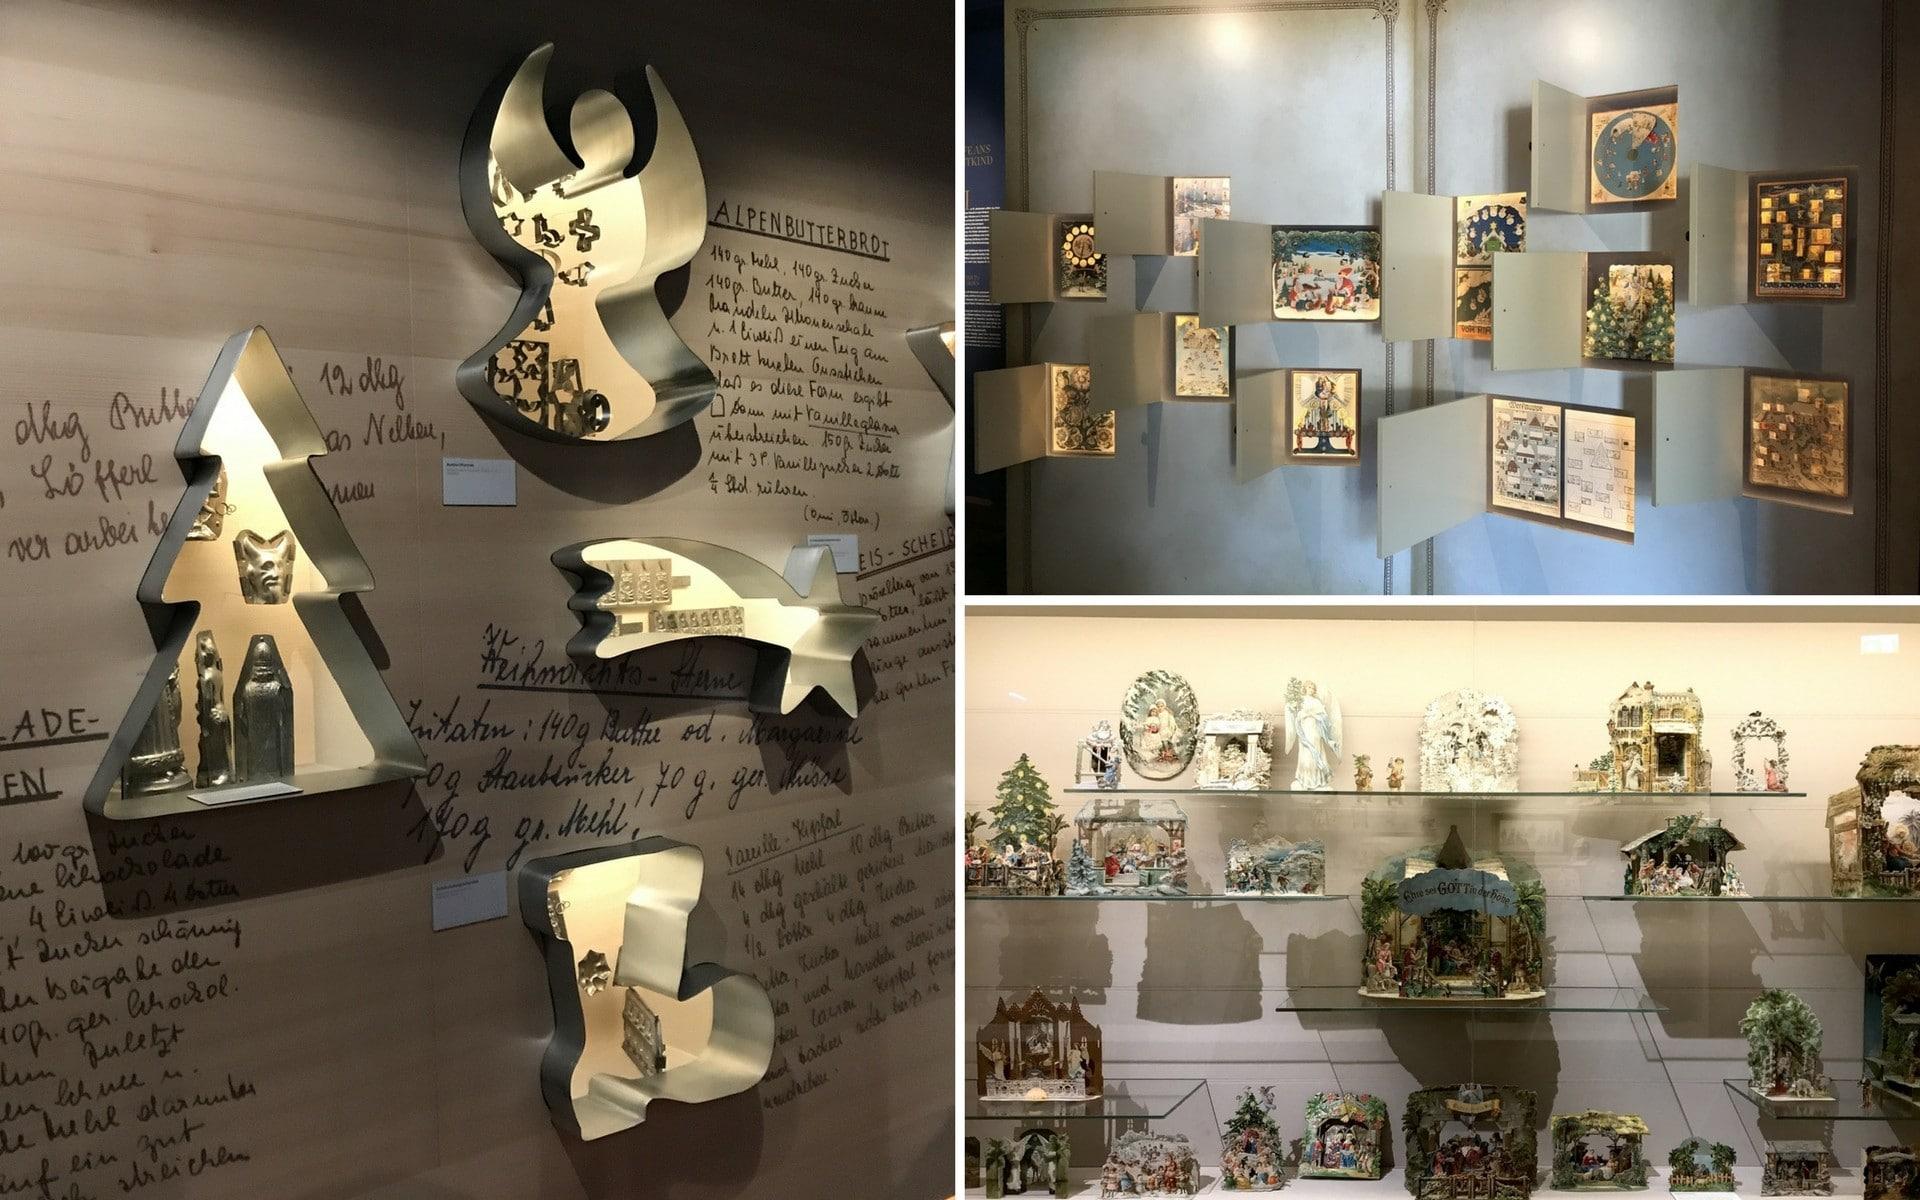 Museo del natale - Salisburgo